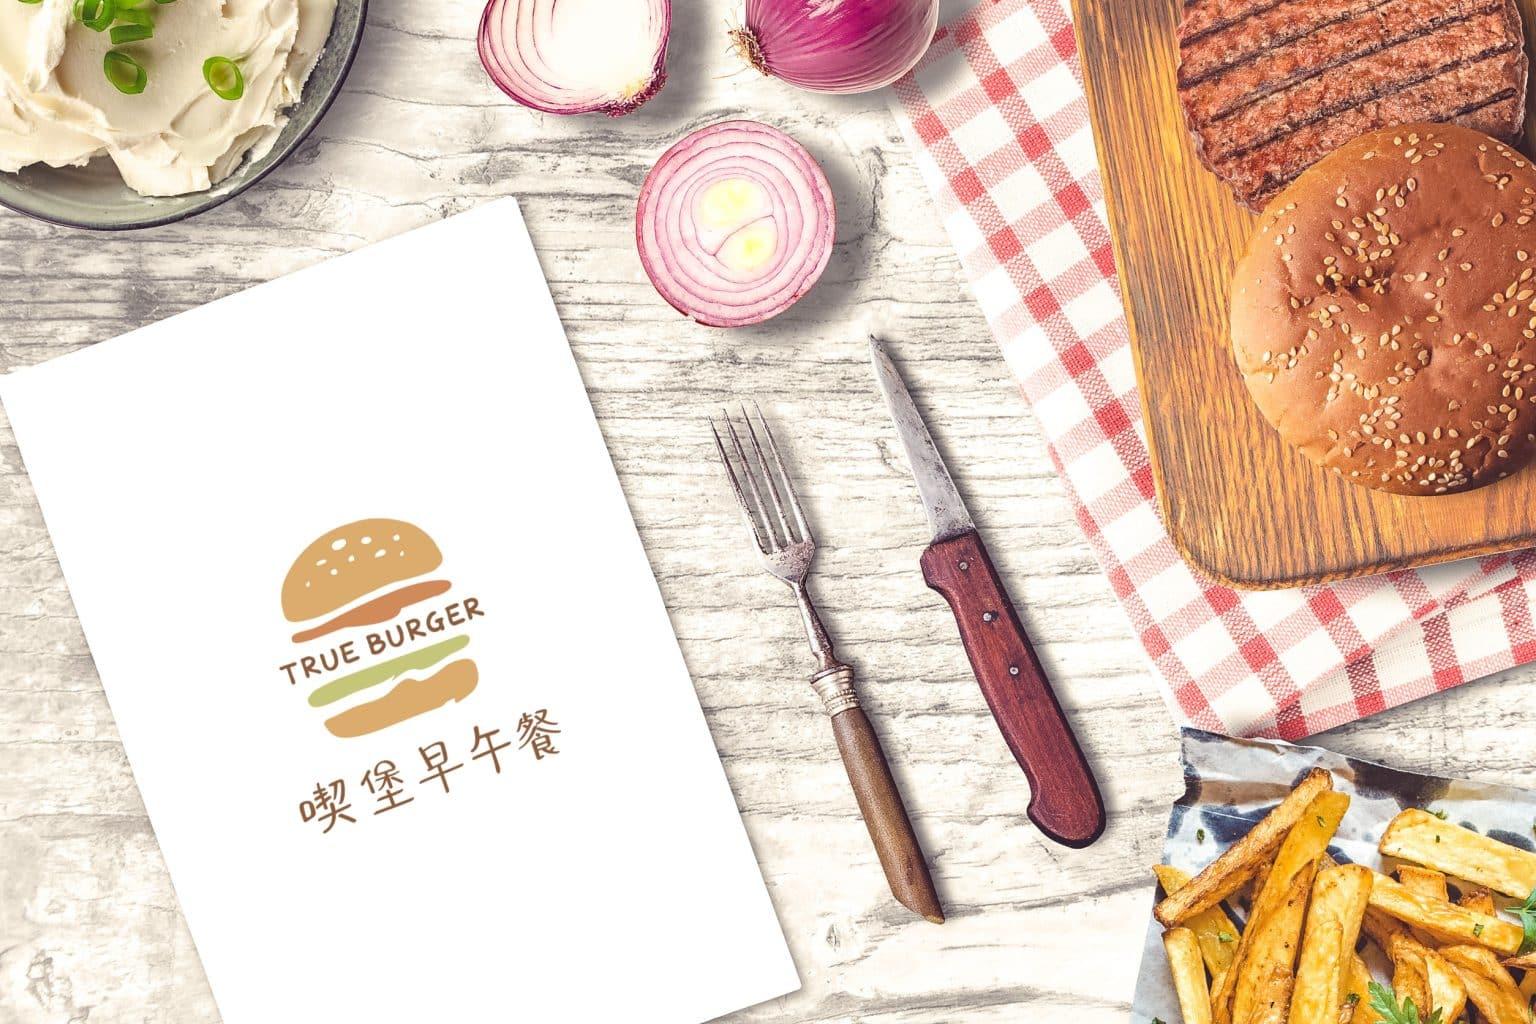 喫堡早午餐 LOGO設計 品牌設計 商標設計 形象設計